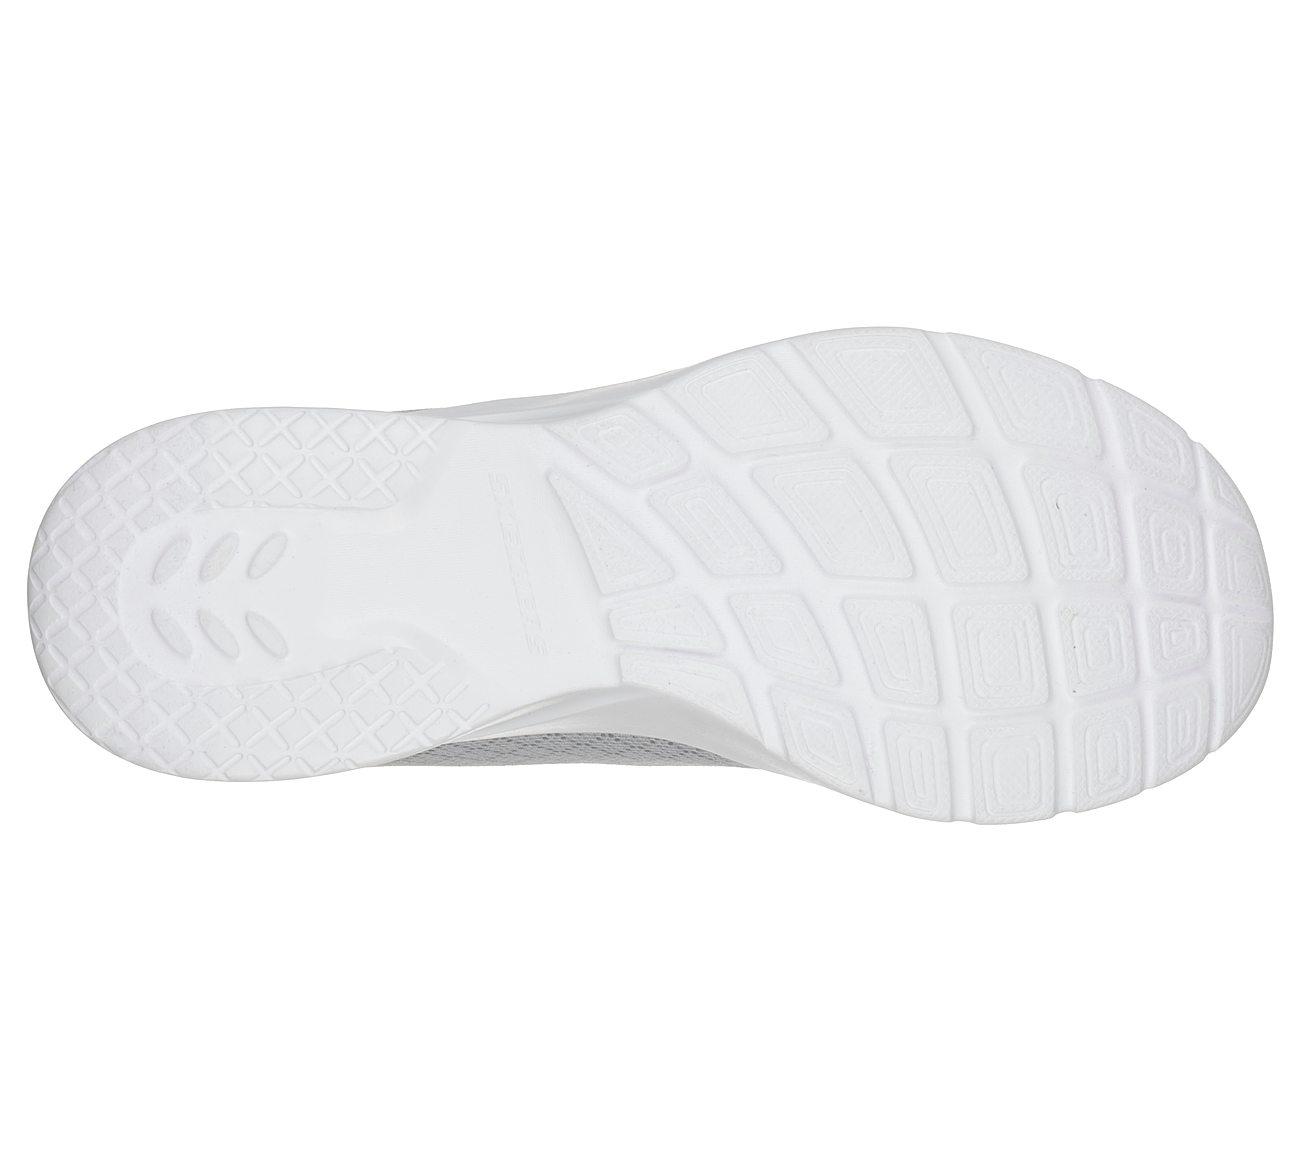 T Baskets Chaussures Dynamight Pour oeil Sport Des Oeil Acheter 0IRxqSna